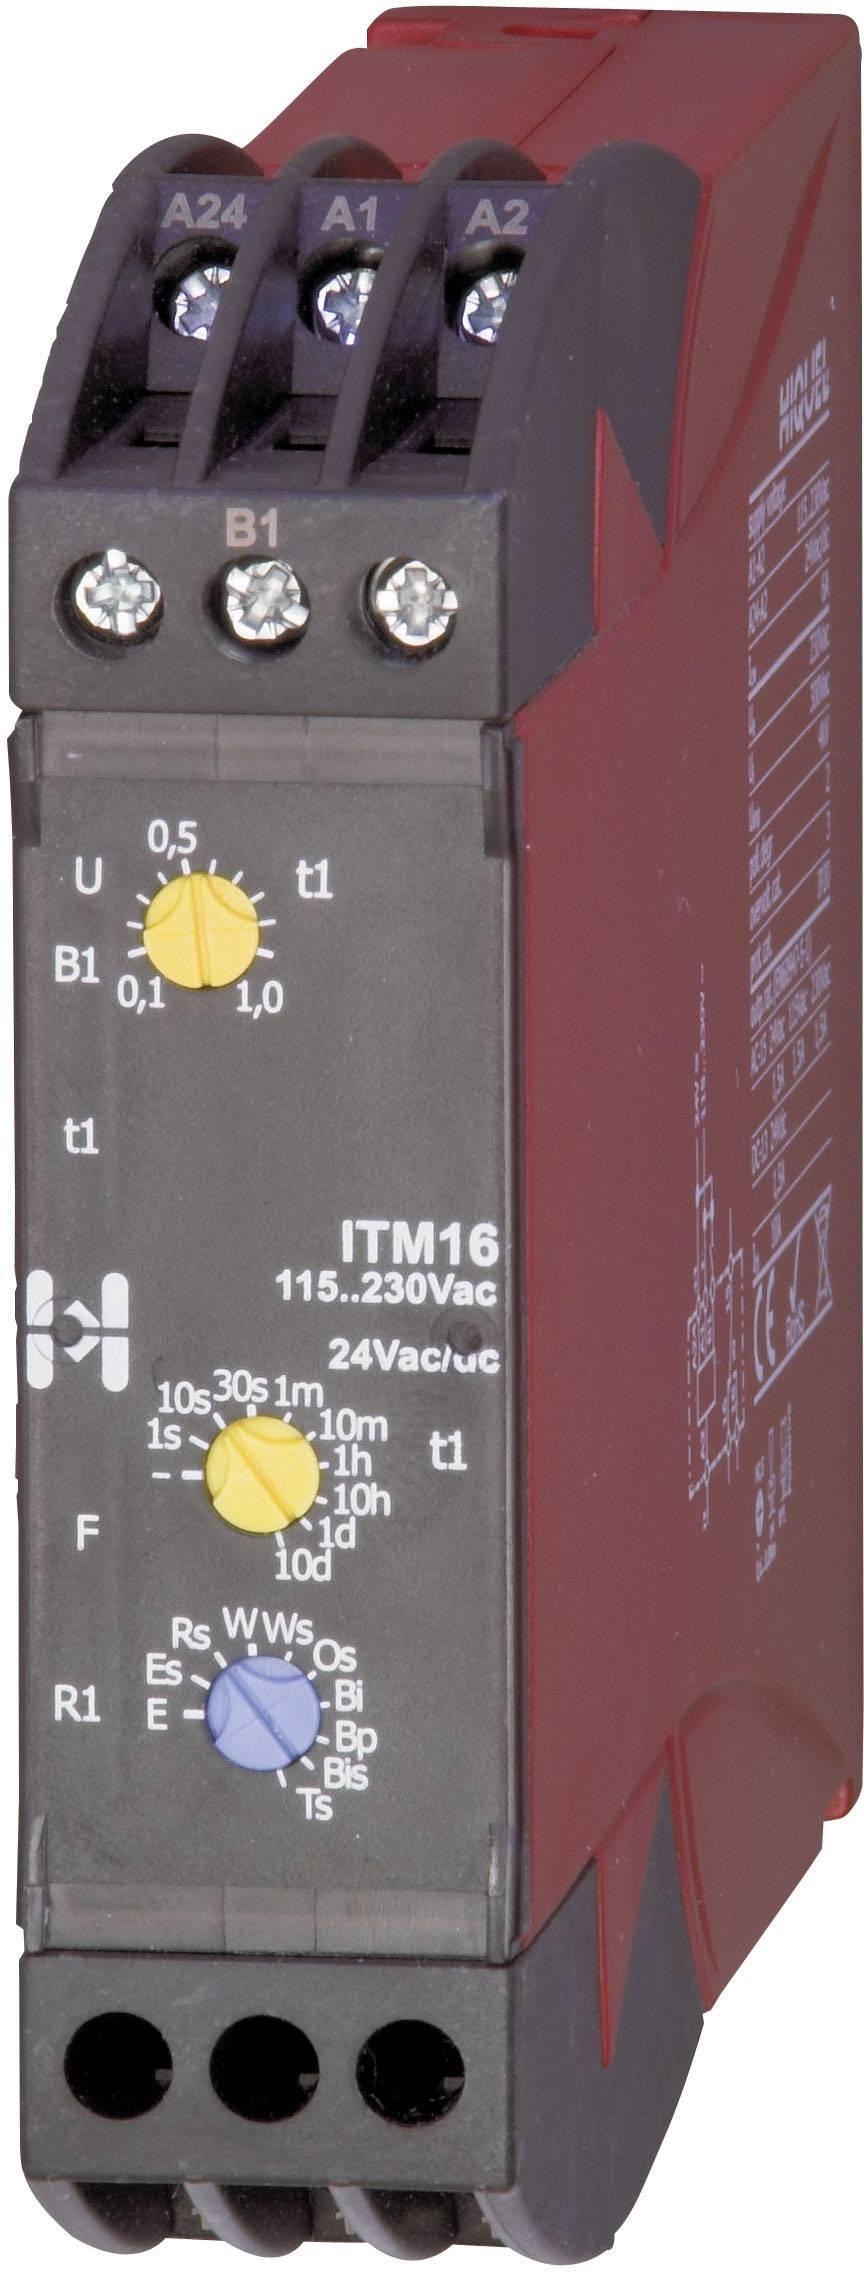 Časové relé multifunkčné Hiquel in-case ITM 16, 1 prepínací, 1 ks